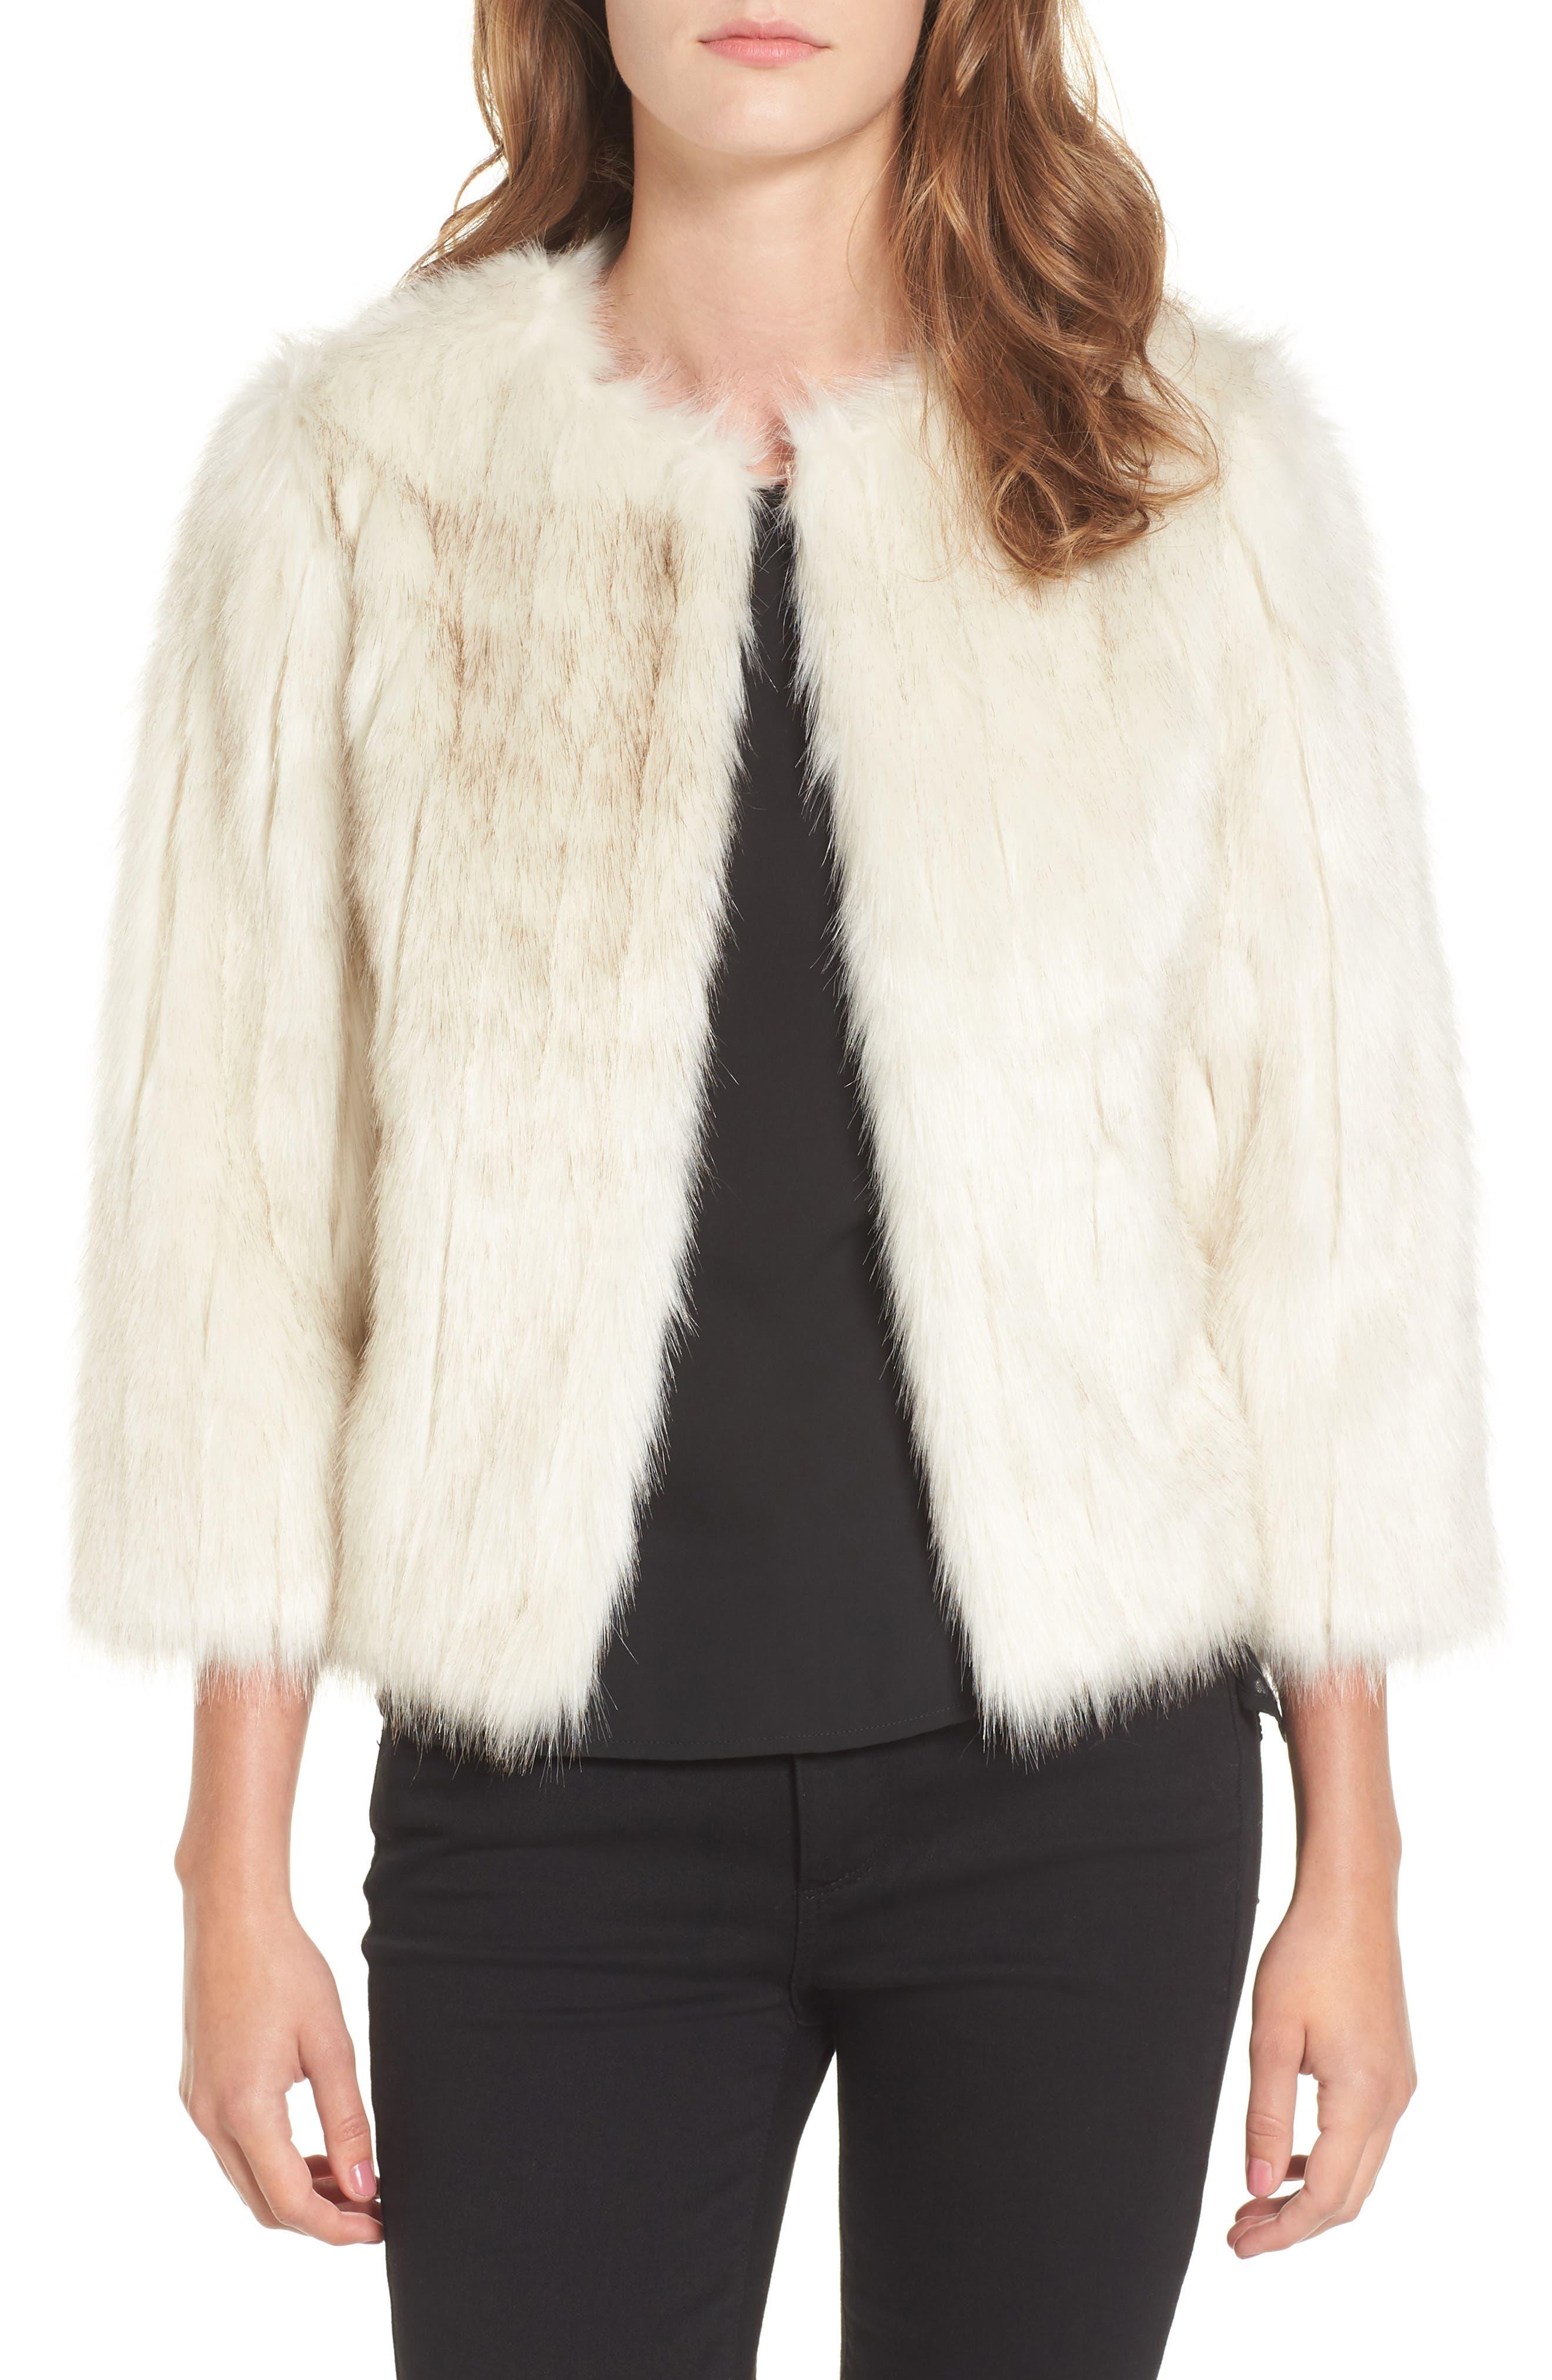 Winter Faux Fur Jacket,                         Main,                         color, 905